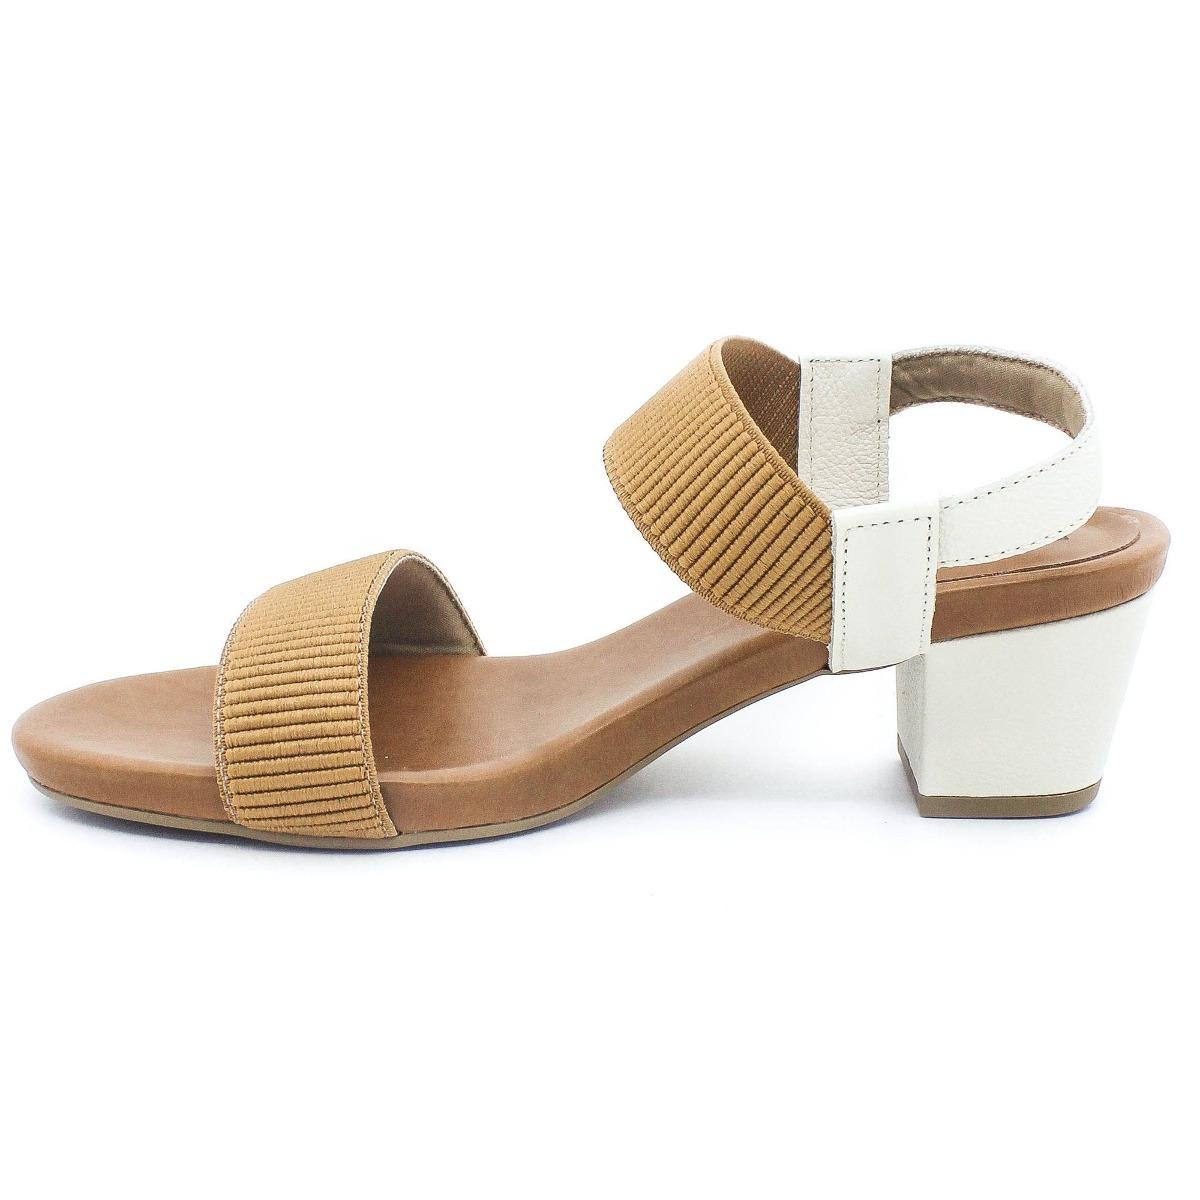 505565db62 sandália usaflex super conforto bege coleção verão 2019. Carregando zoom.